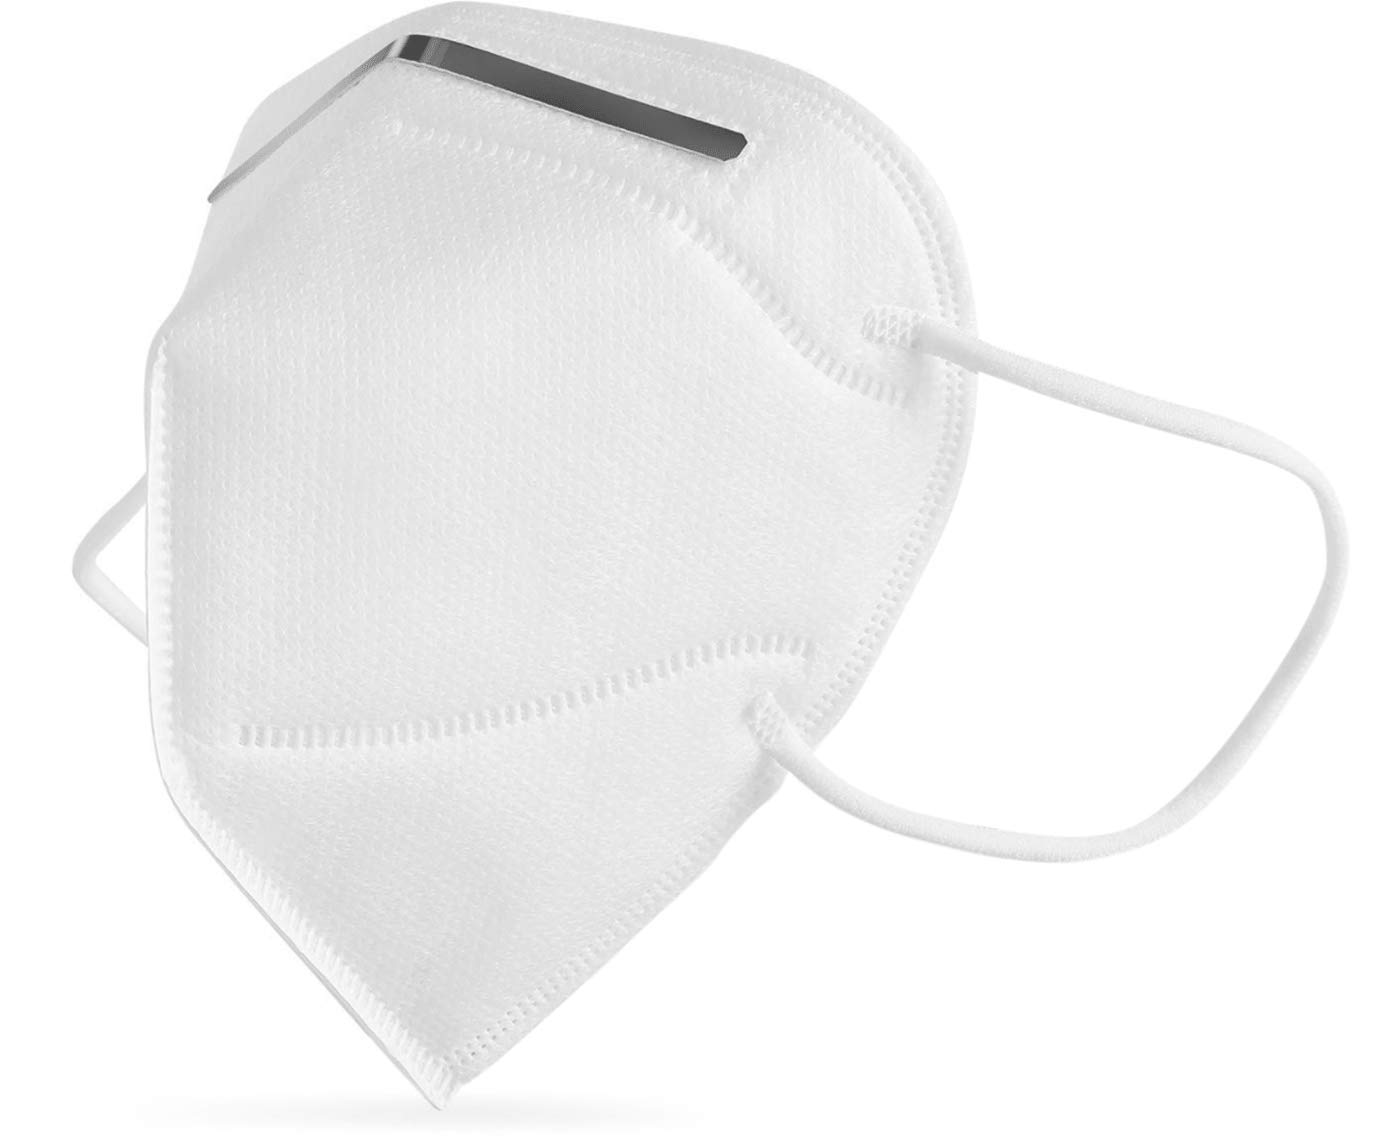 Mascarilla FPP2/KN95 WottoCare, Mascarilla de Protección Personal. 5 capas. Mascara Alta Eficiencia Filtración, Caja 20 Unidades Certificado CE